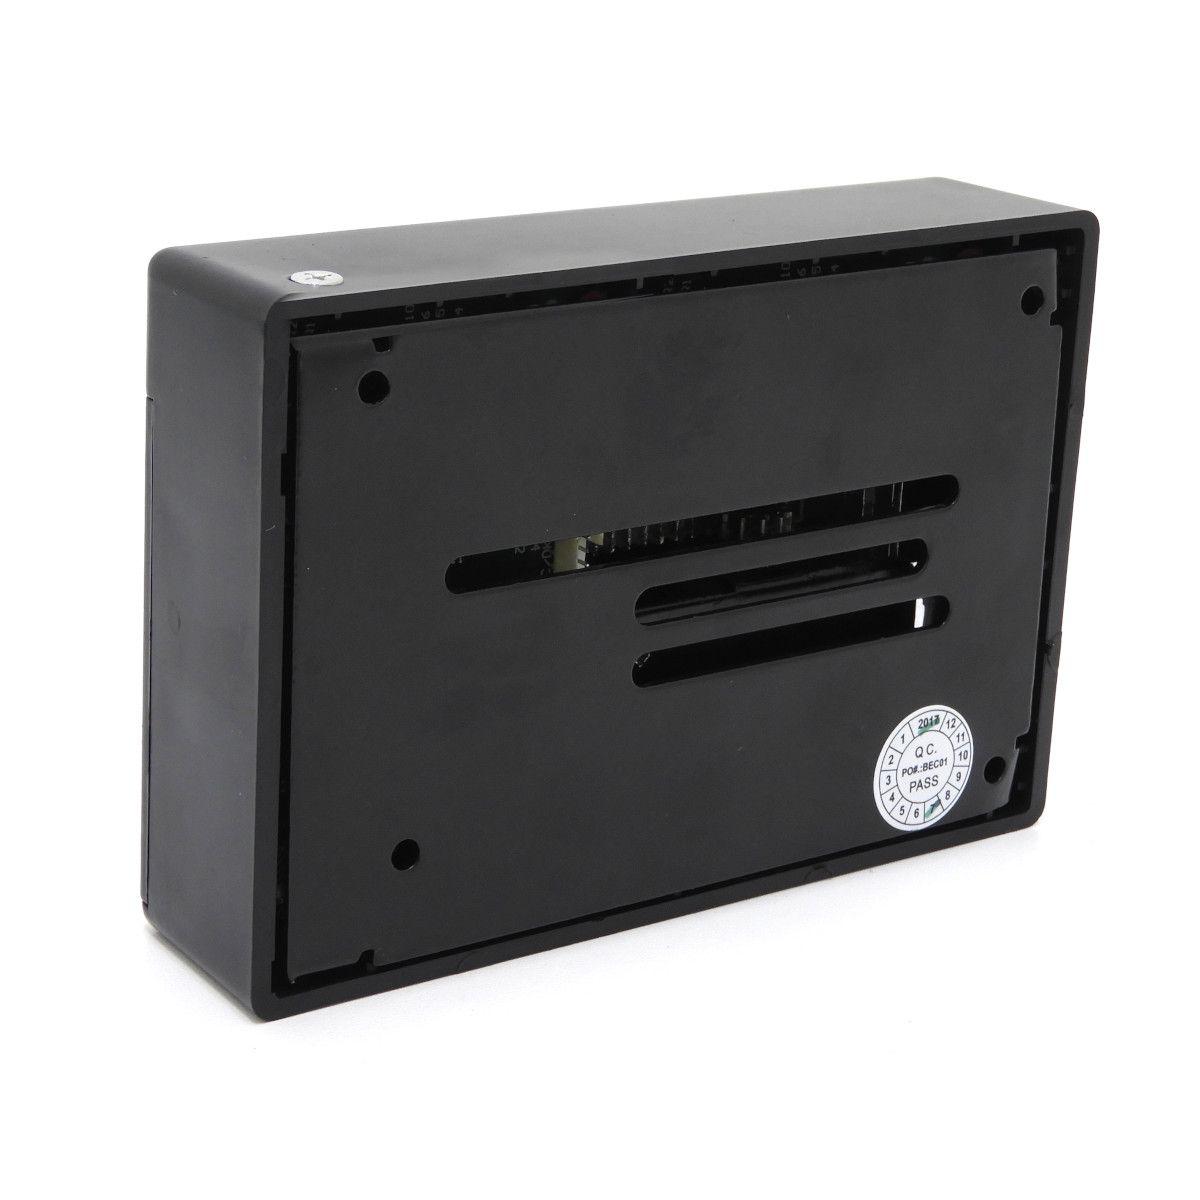 Fechadura Elétrica Com Senha E Tag Para Controle de Acesso Multilaser - Se601